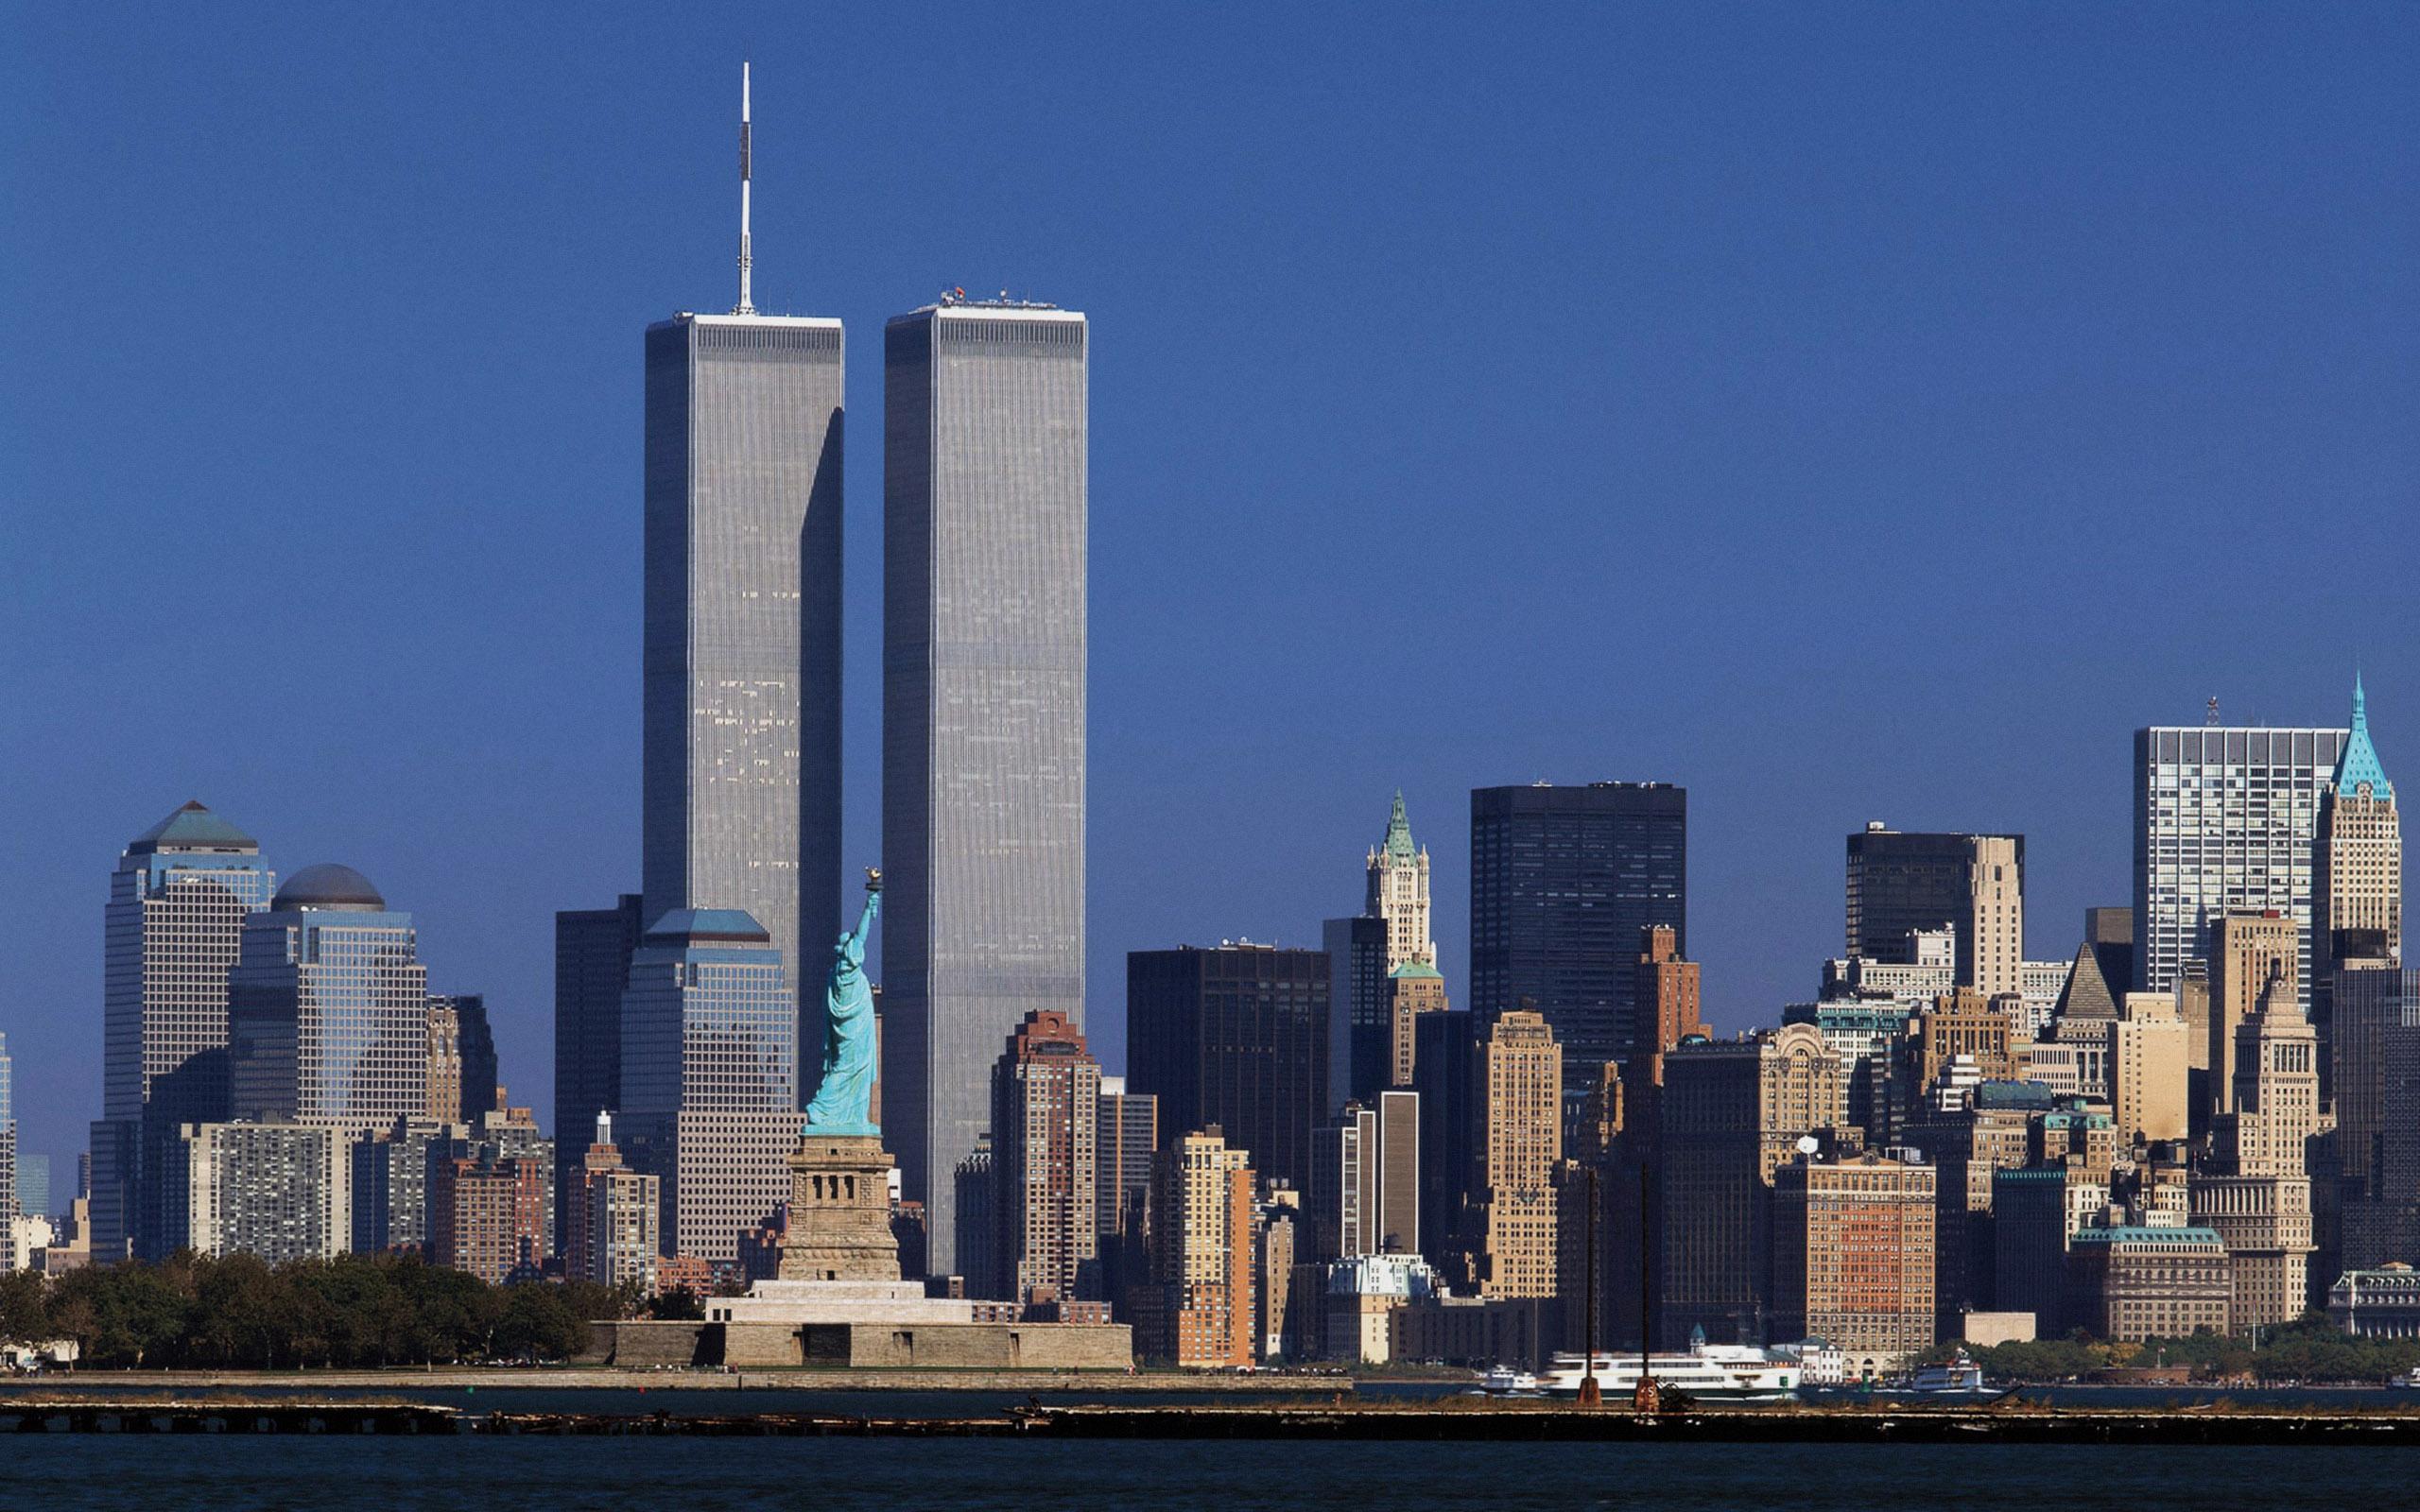 Смотреть башни близнецы в хорошем качестве 8 фотография